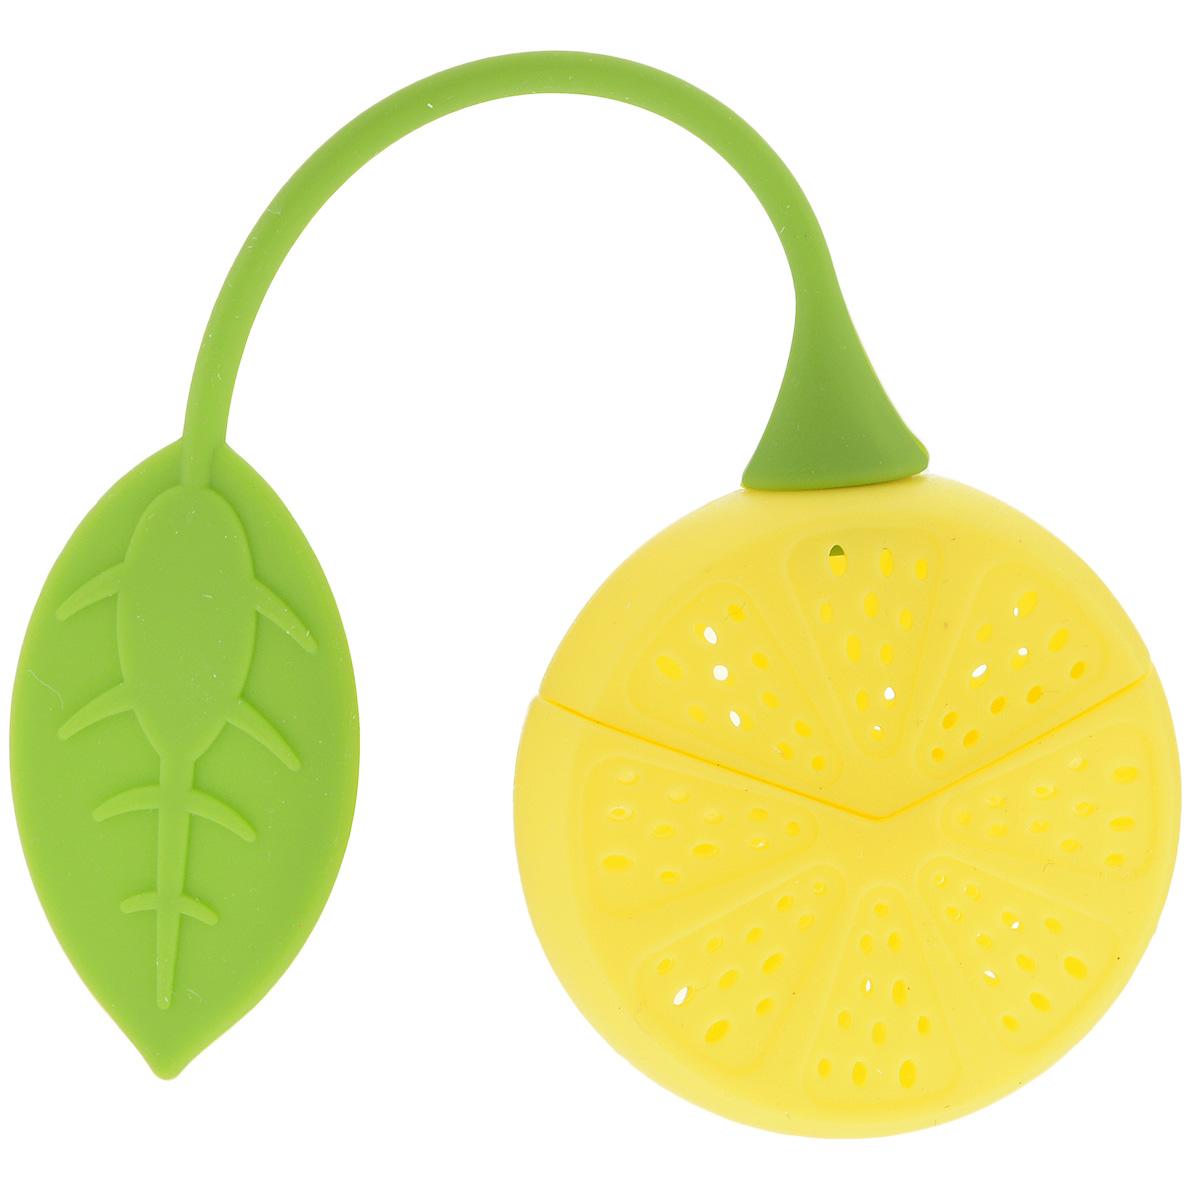 Ситечко для чая Marmiton Лимон, цвет: желтый, зеленый16138Ситечко для заваривания чая Marmiton Лимон выполнено из высококачественного силикона в виде лимона с отверстиями. Изделие оснащено силиконовой ручкой в виде листика. Ситечко оригинального яркого дизайна займет достойное место на вашей кухне. Теперь можно заваривать любимый чай быстро и легко! Размер ситечка (без учета ручки): 5 см х 5 см х 2,5 см. Длина ручки ситечка: 13 см.